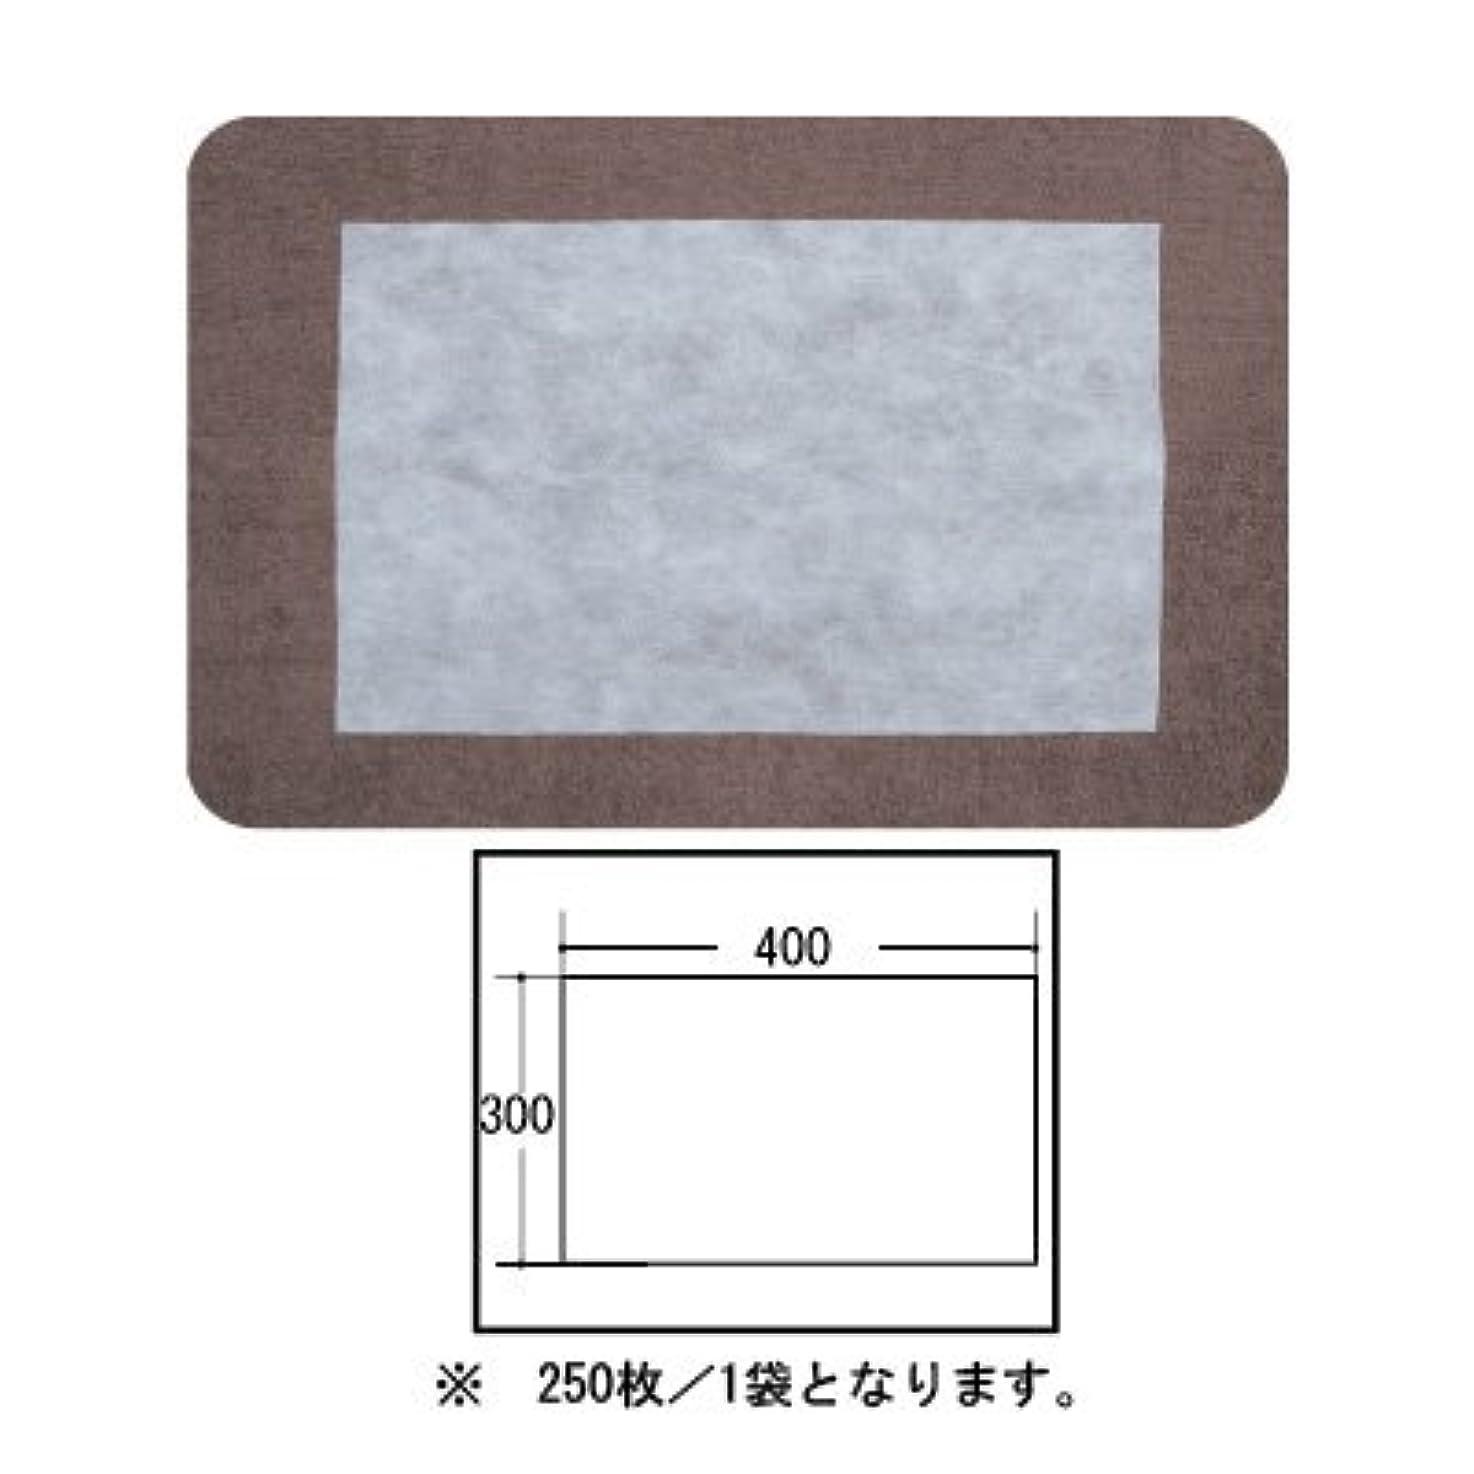 予見する煙突後悔(ロータス)LOTUS 日本製 ピロカバー カット無し 250枚入 業務用 マルチな不織布カバー